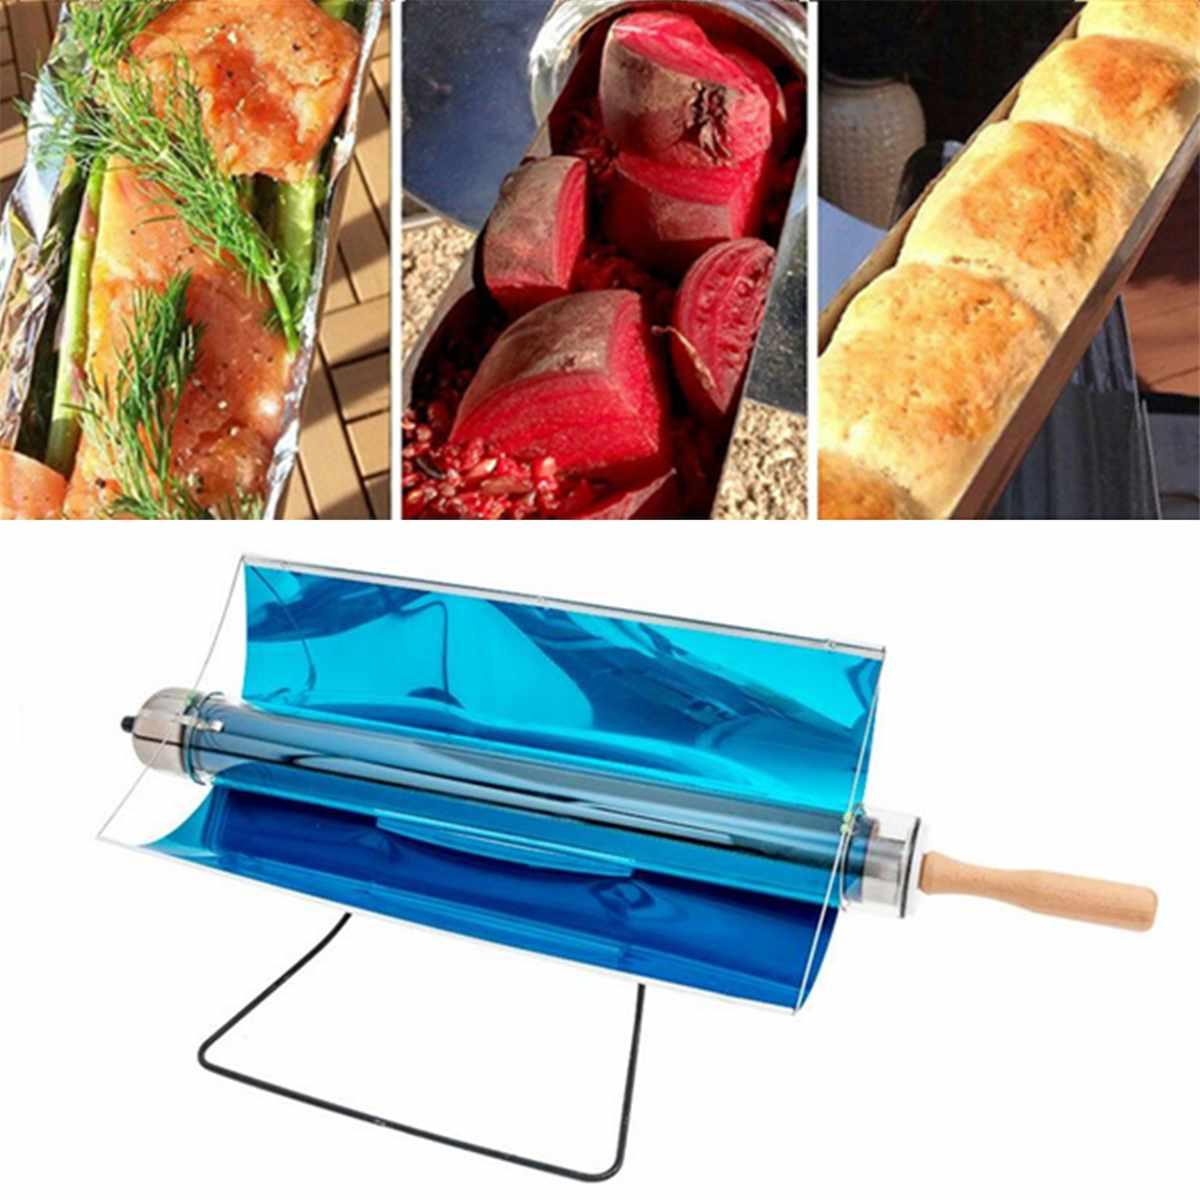 75X35X35 cm chaud Portable pliant cuisinière solaire cuisinière four carburant gratuit pique-nique cuisson Barbecue nourriture Camping randonnée en plein air Barbecue Grill